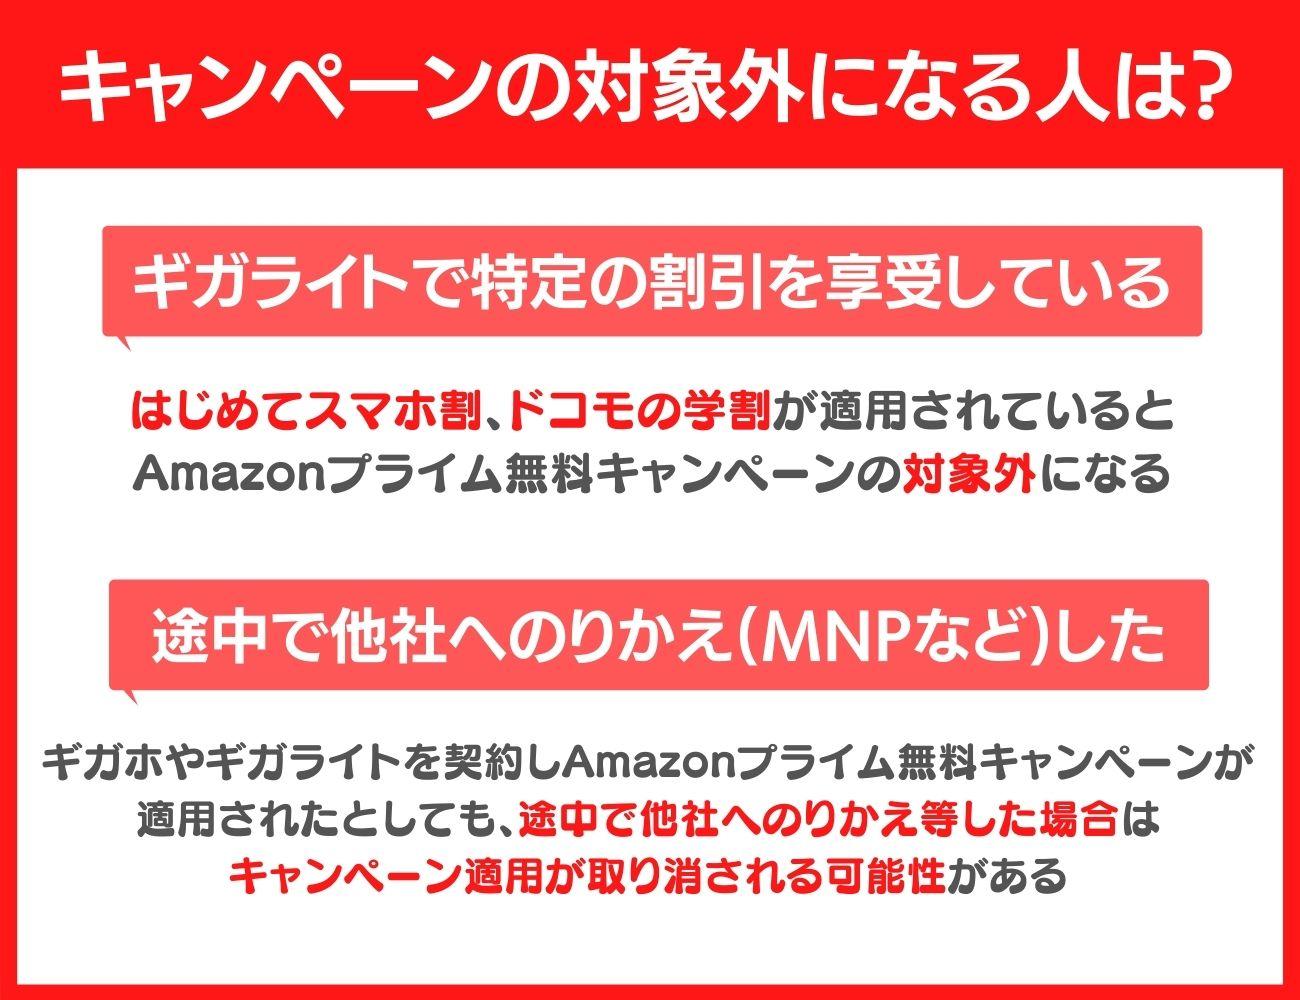 Amazonプライム無料キャンペーンが対象外の人